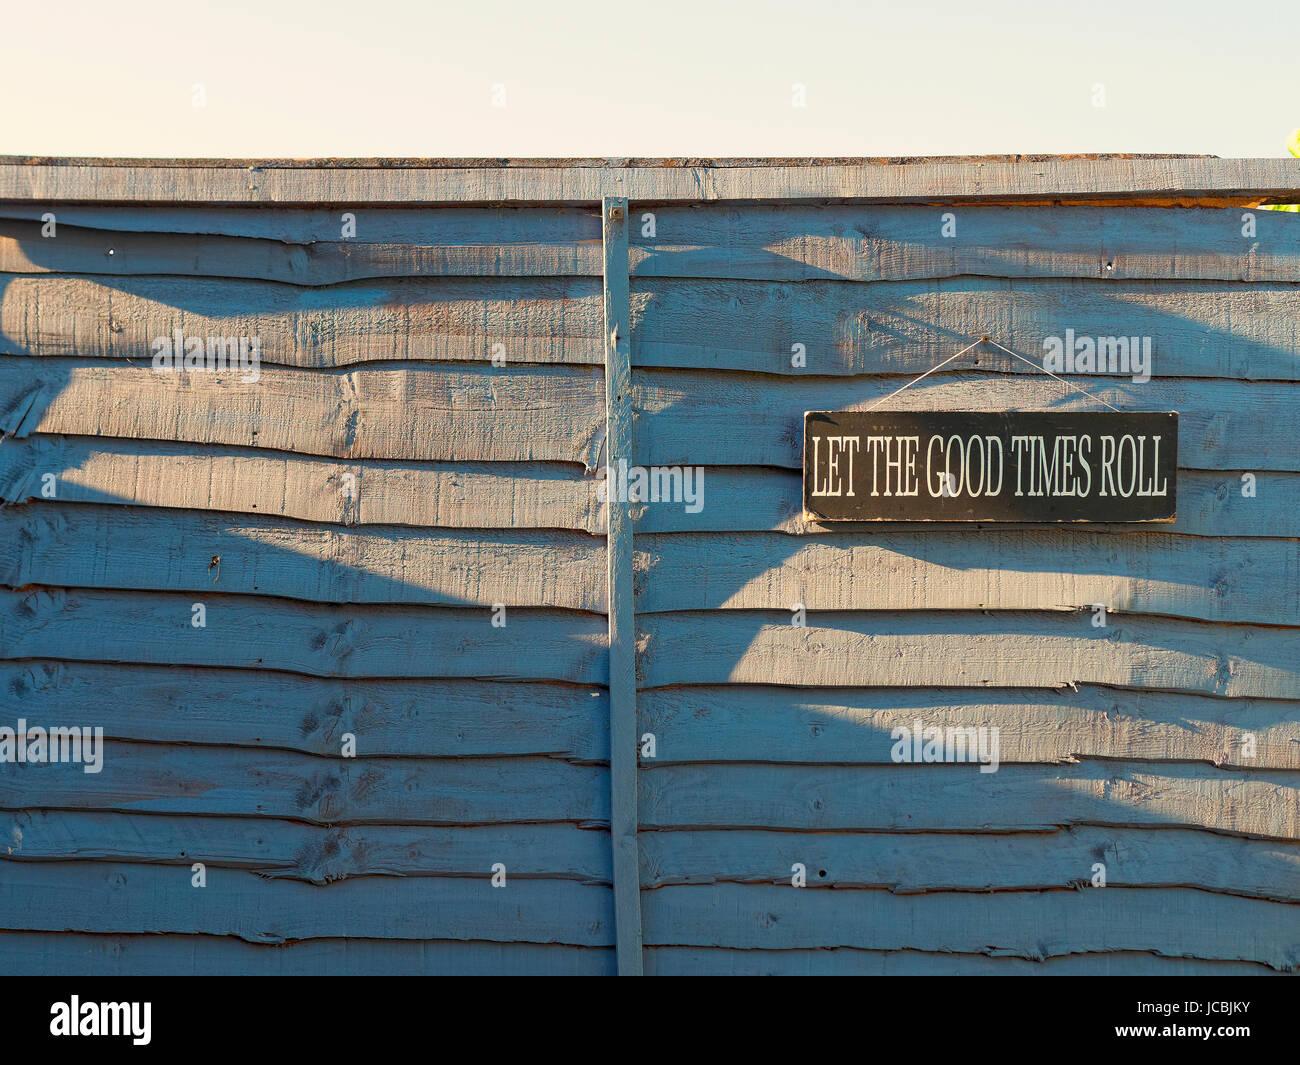 Deje rodar los buenos tiempos cartel colgado en una valla Imagen De Stock